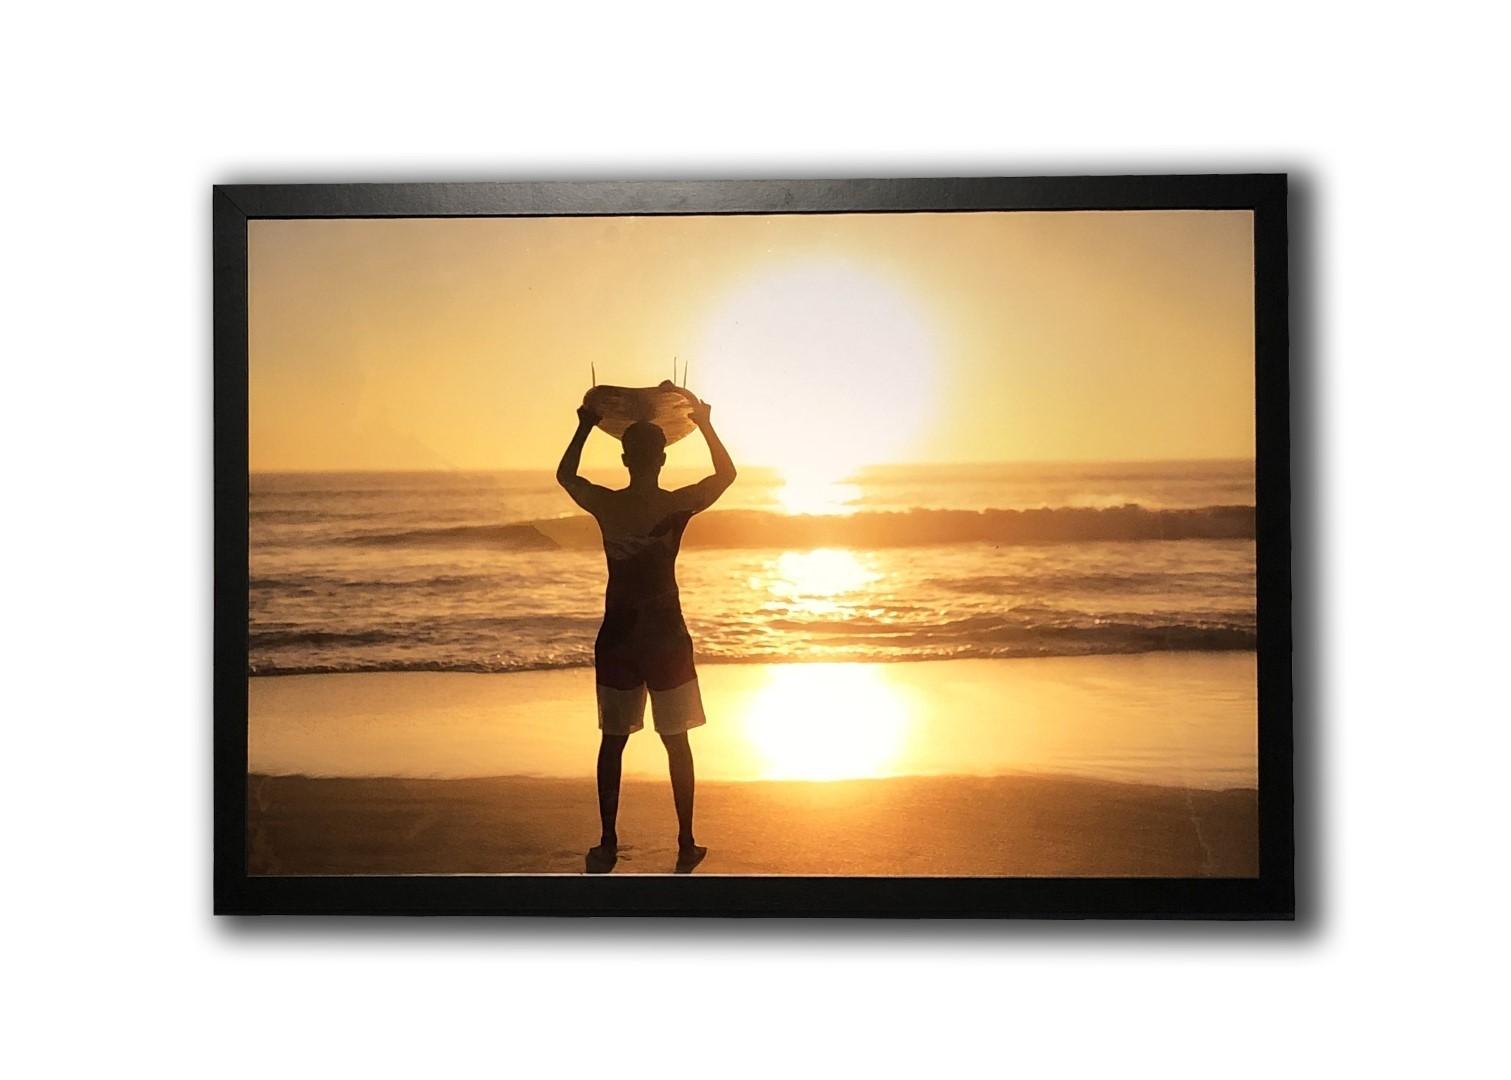 Quadro Decorativo Surfista Por do Sol | Prancharia